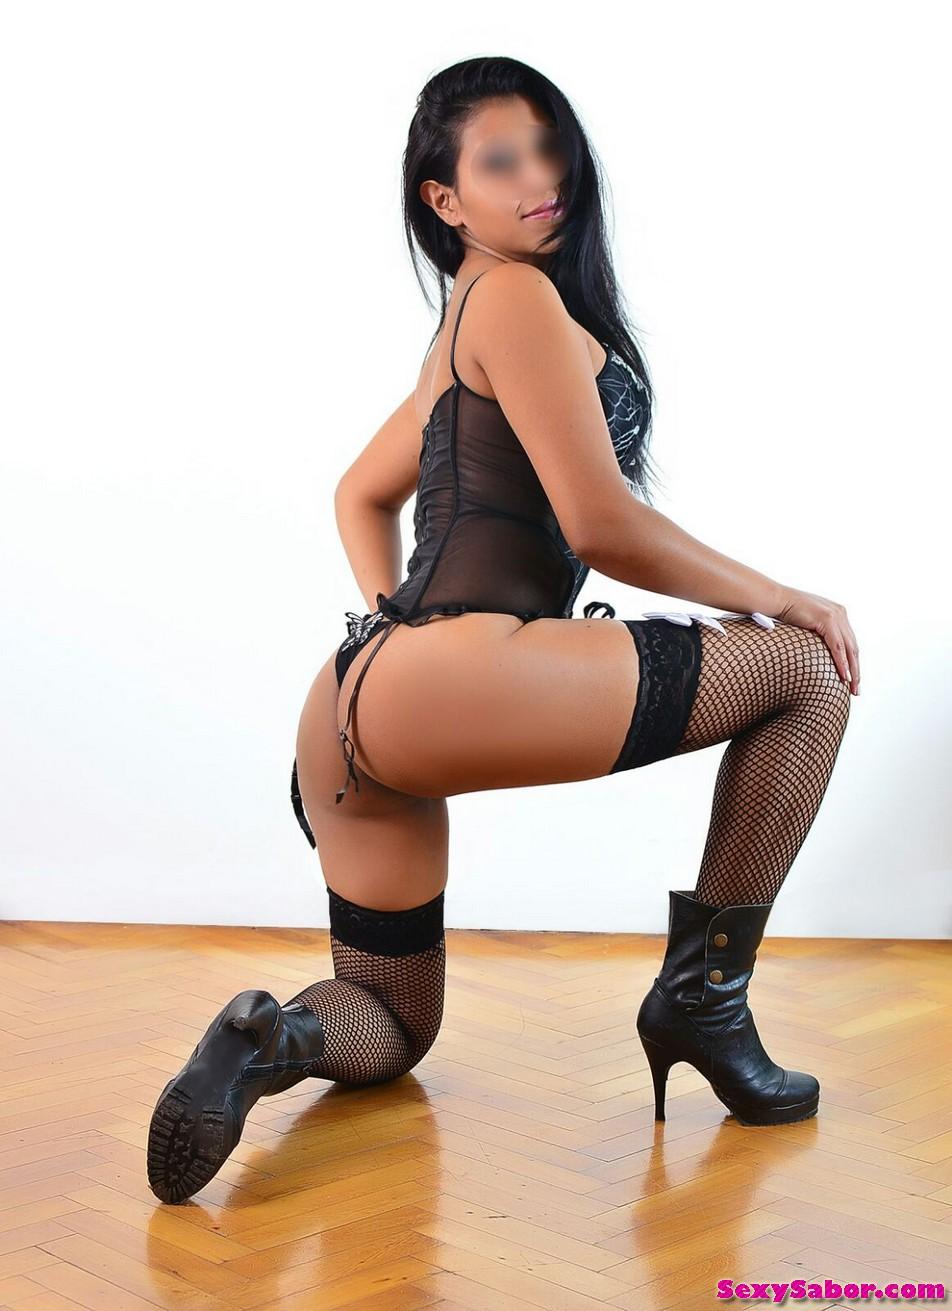 erotic massage argentina italian  escort